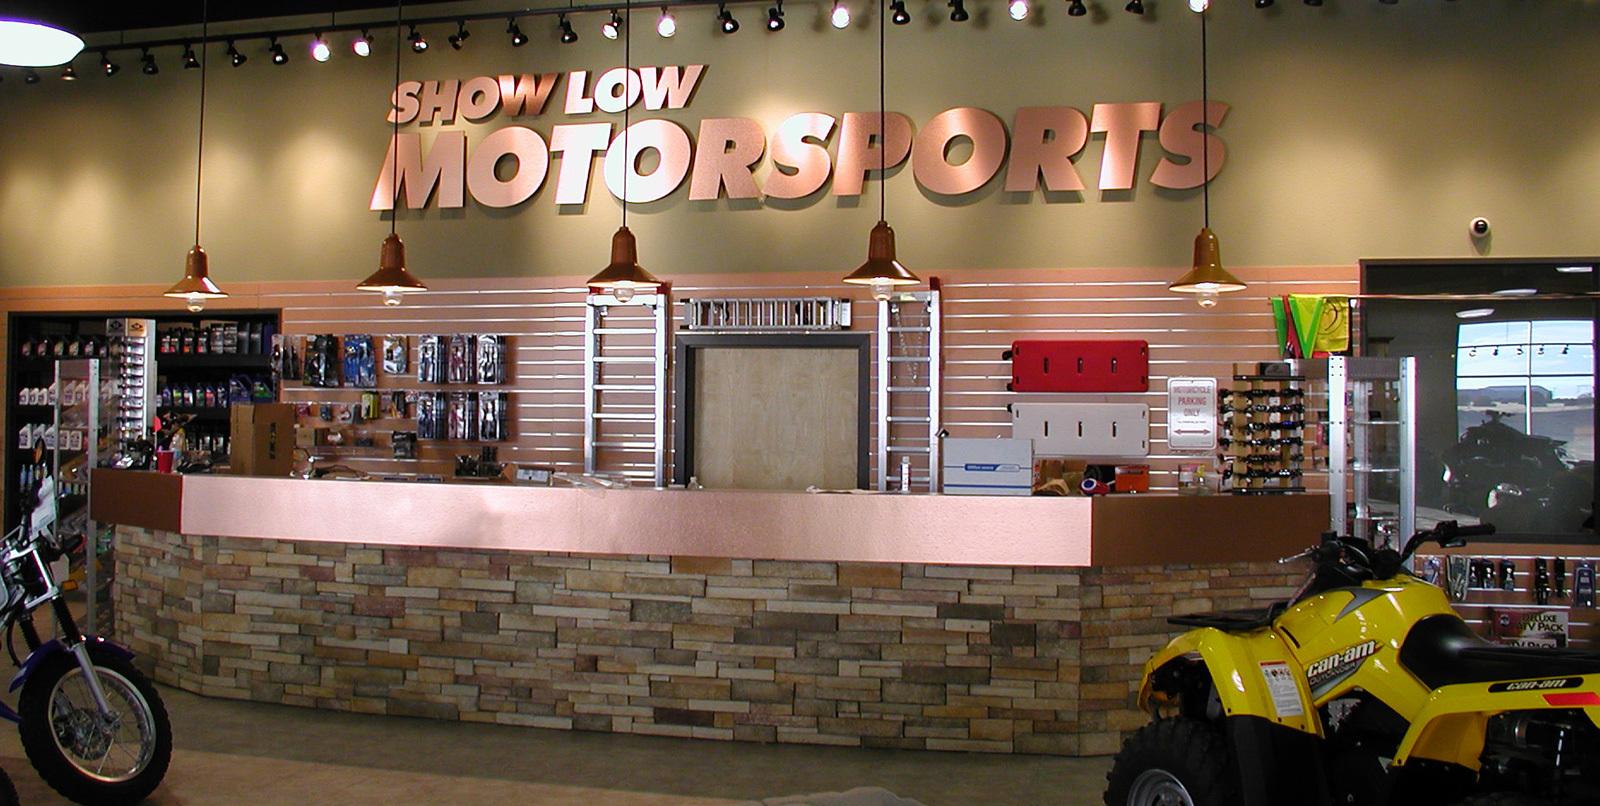 Showlow C